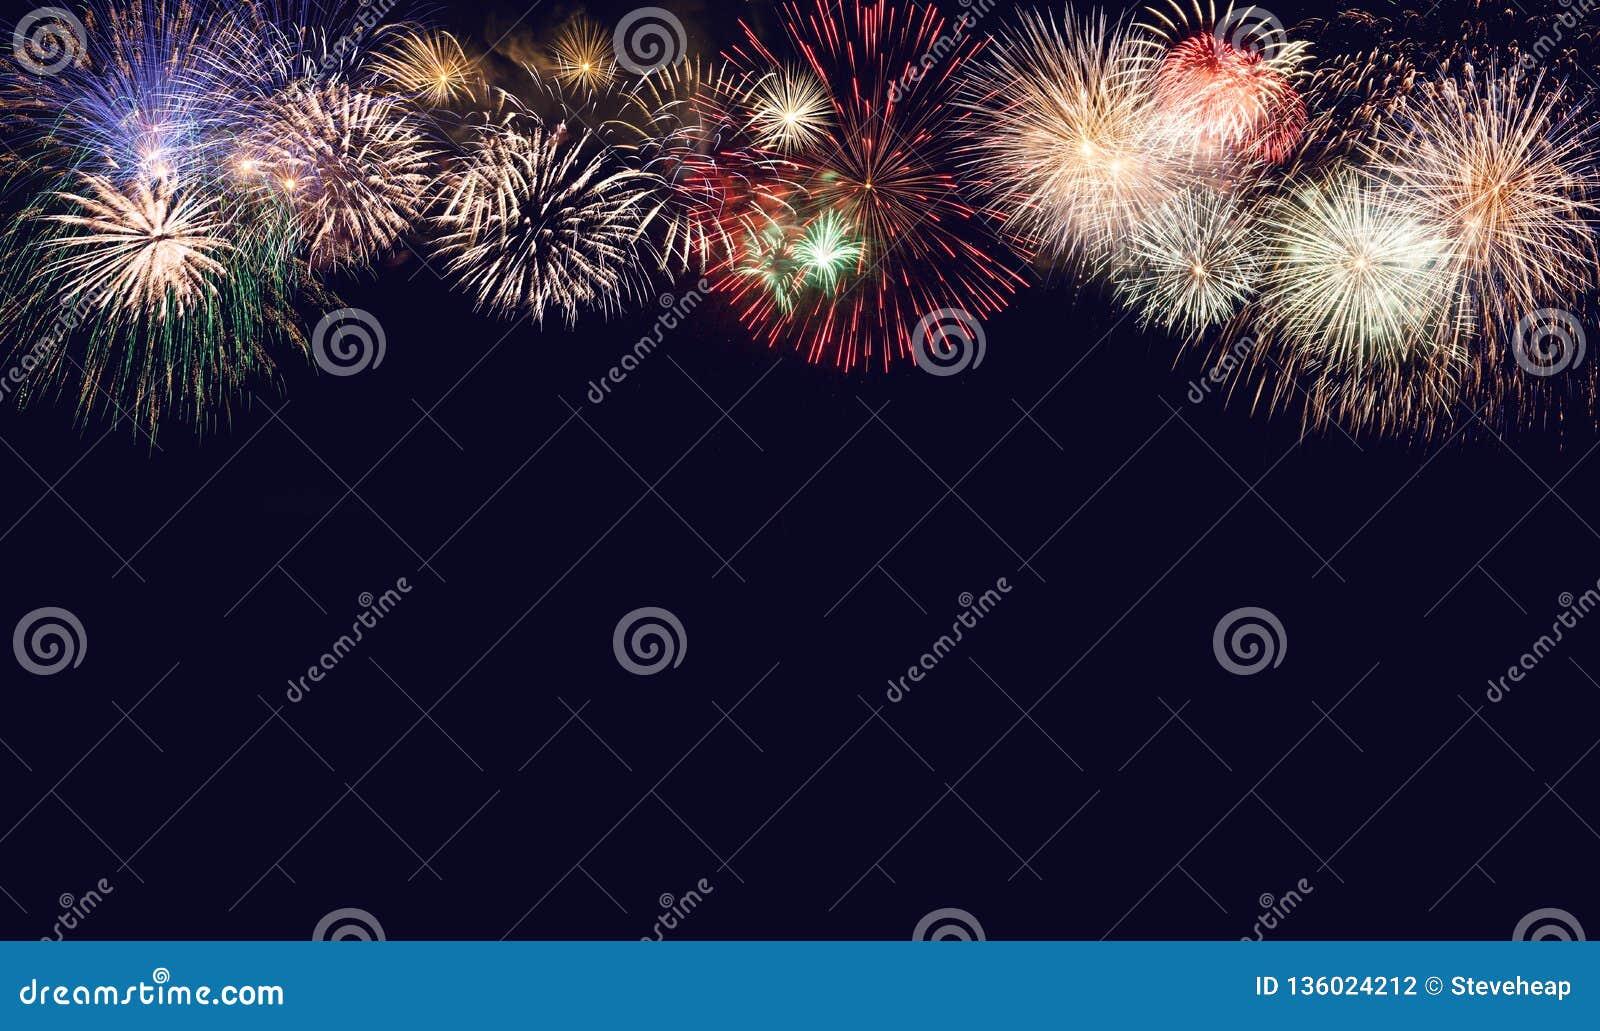 Composto dos fogos de artifício pelo ano novo para o fundo do feriado